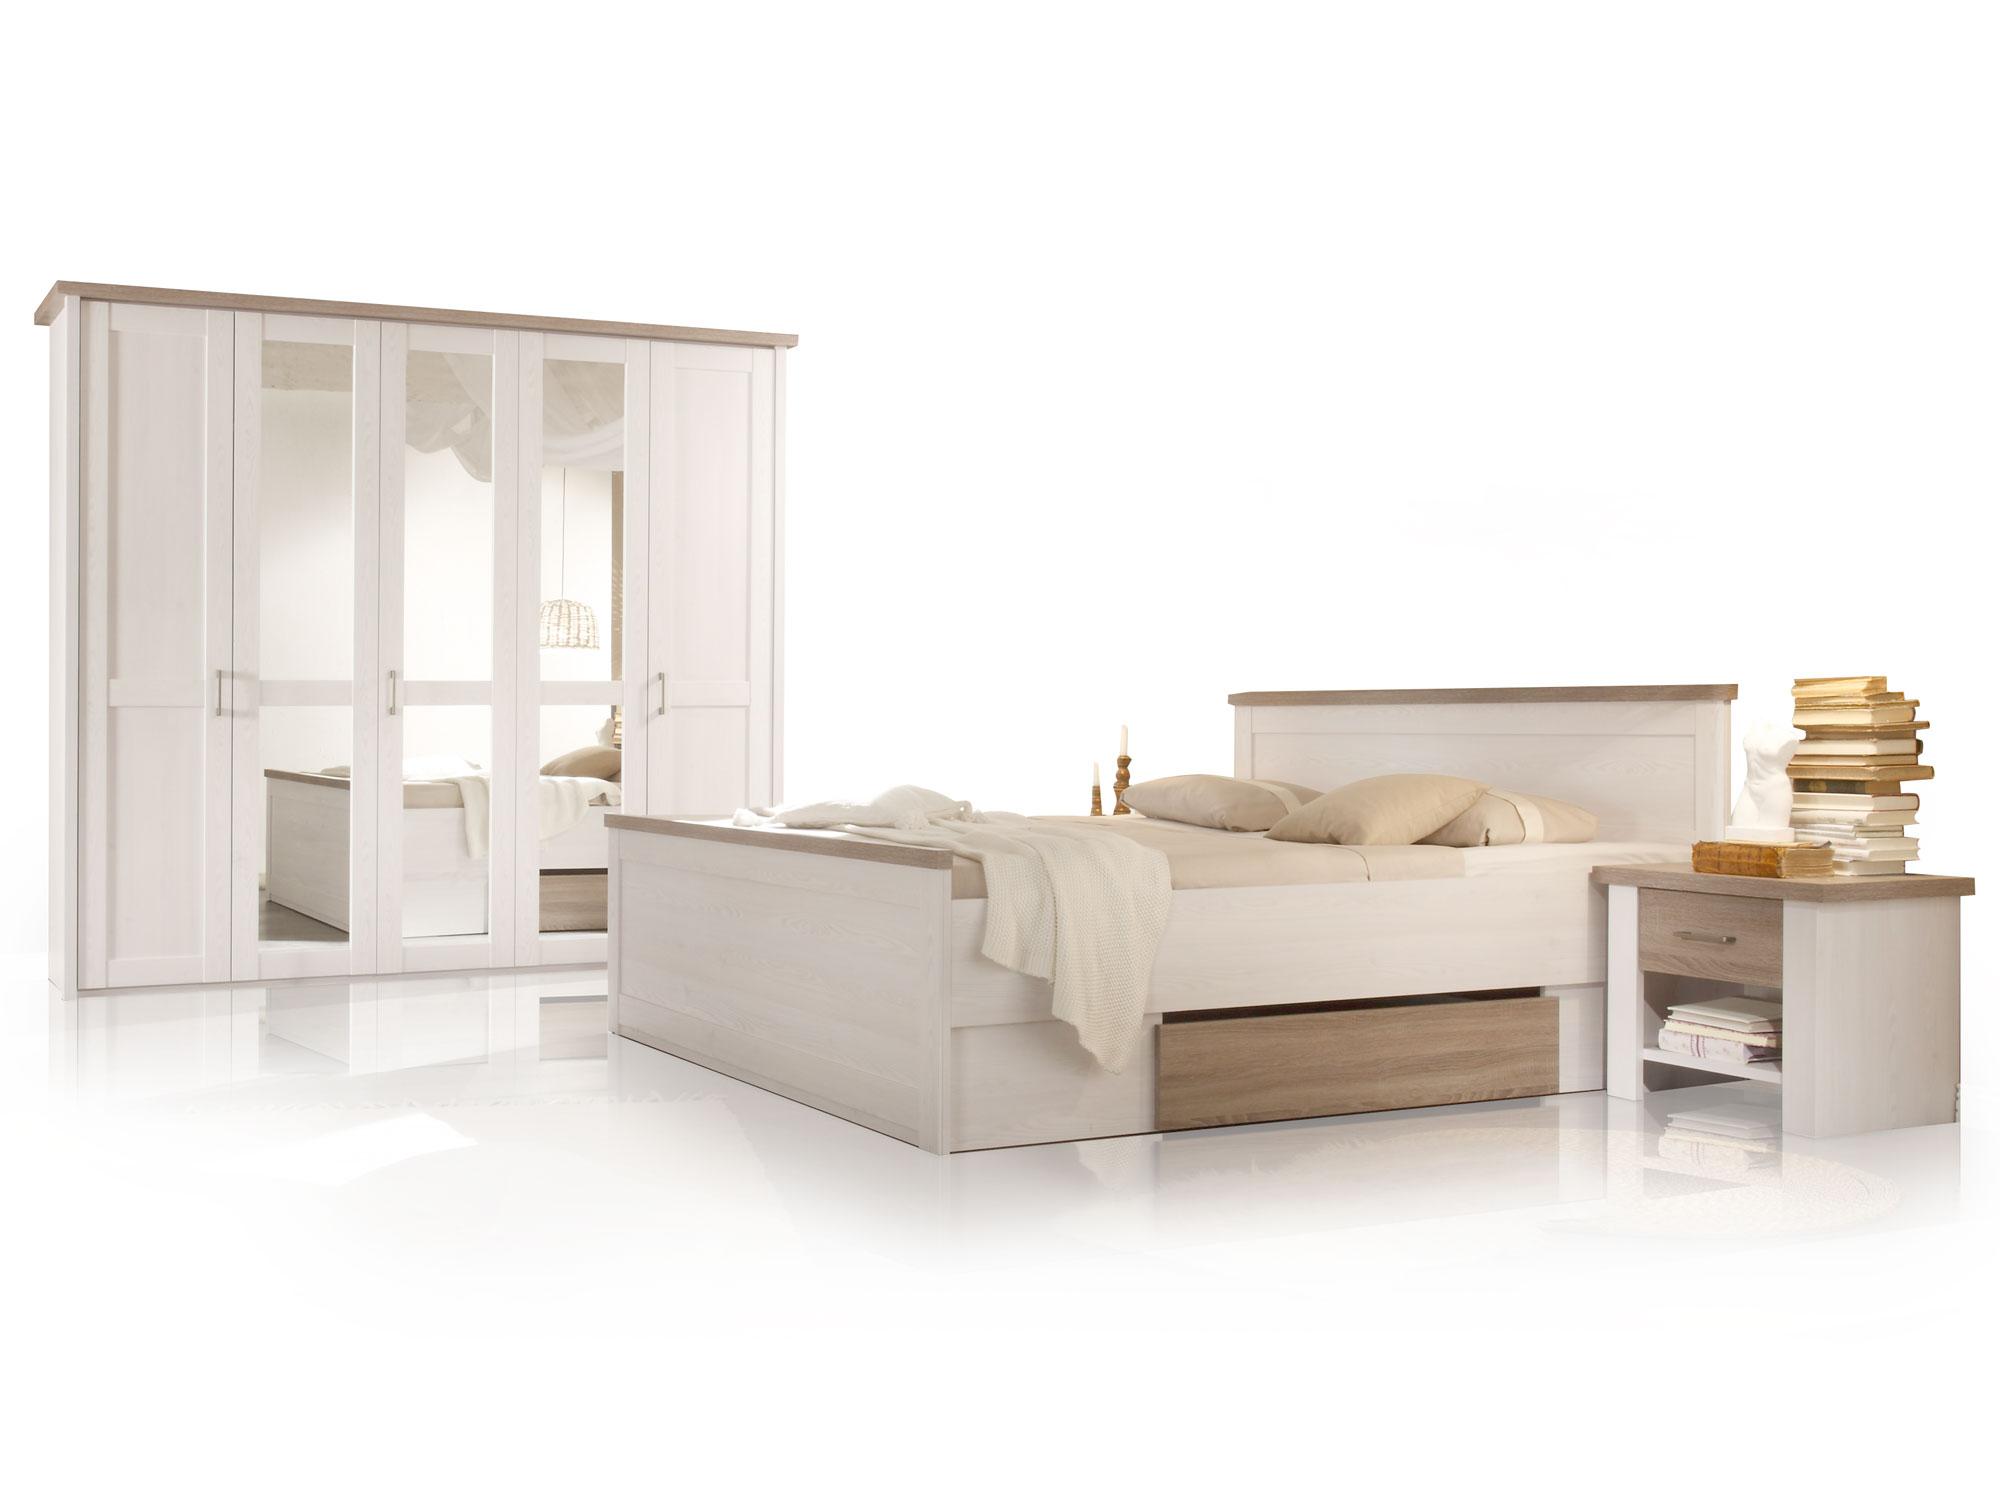 Full Size of Luxus Schlafzimmer Komplett Modern Set Weiss Massiv Schrank Wiemann Massivholz Led Deckenleuchte Schranksysteme Weiß Deckenlampe Günstig Gardinen Wandbilder Wohnzimmer Schlafzimmer Komplett Modern